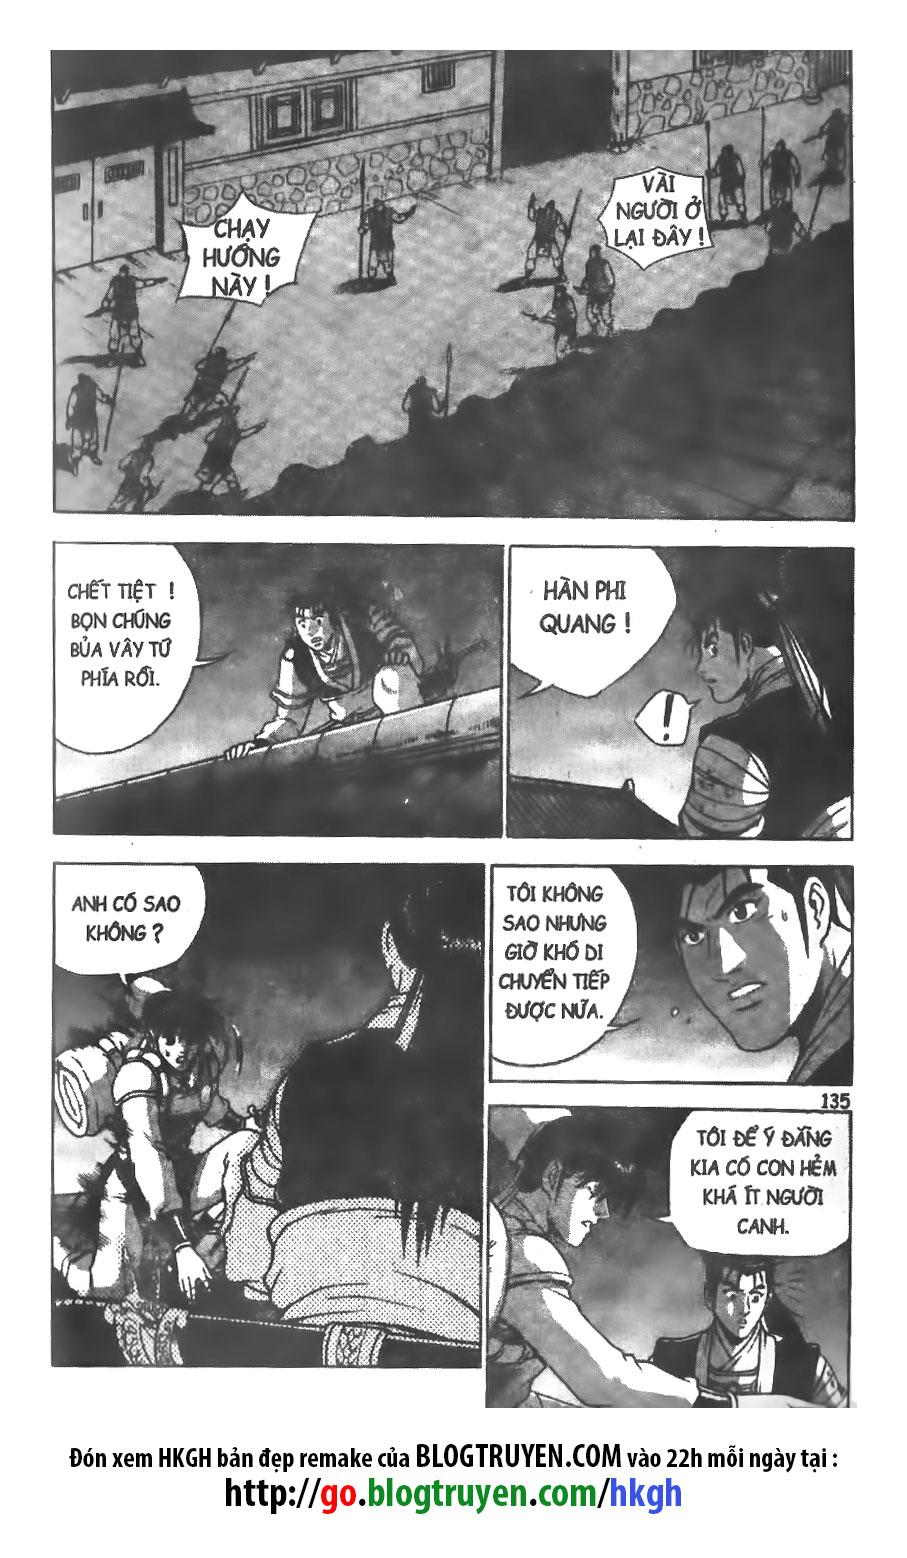 xem truyen moi - Hiệp Khách Giang Hồ Vol34 - Chap 234 - Remake